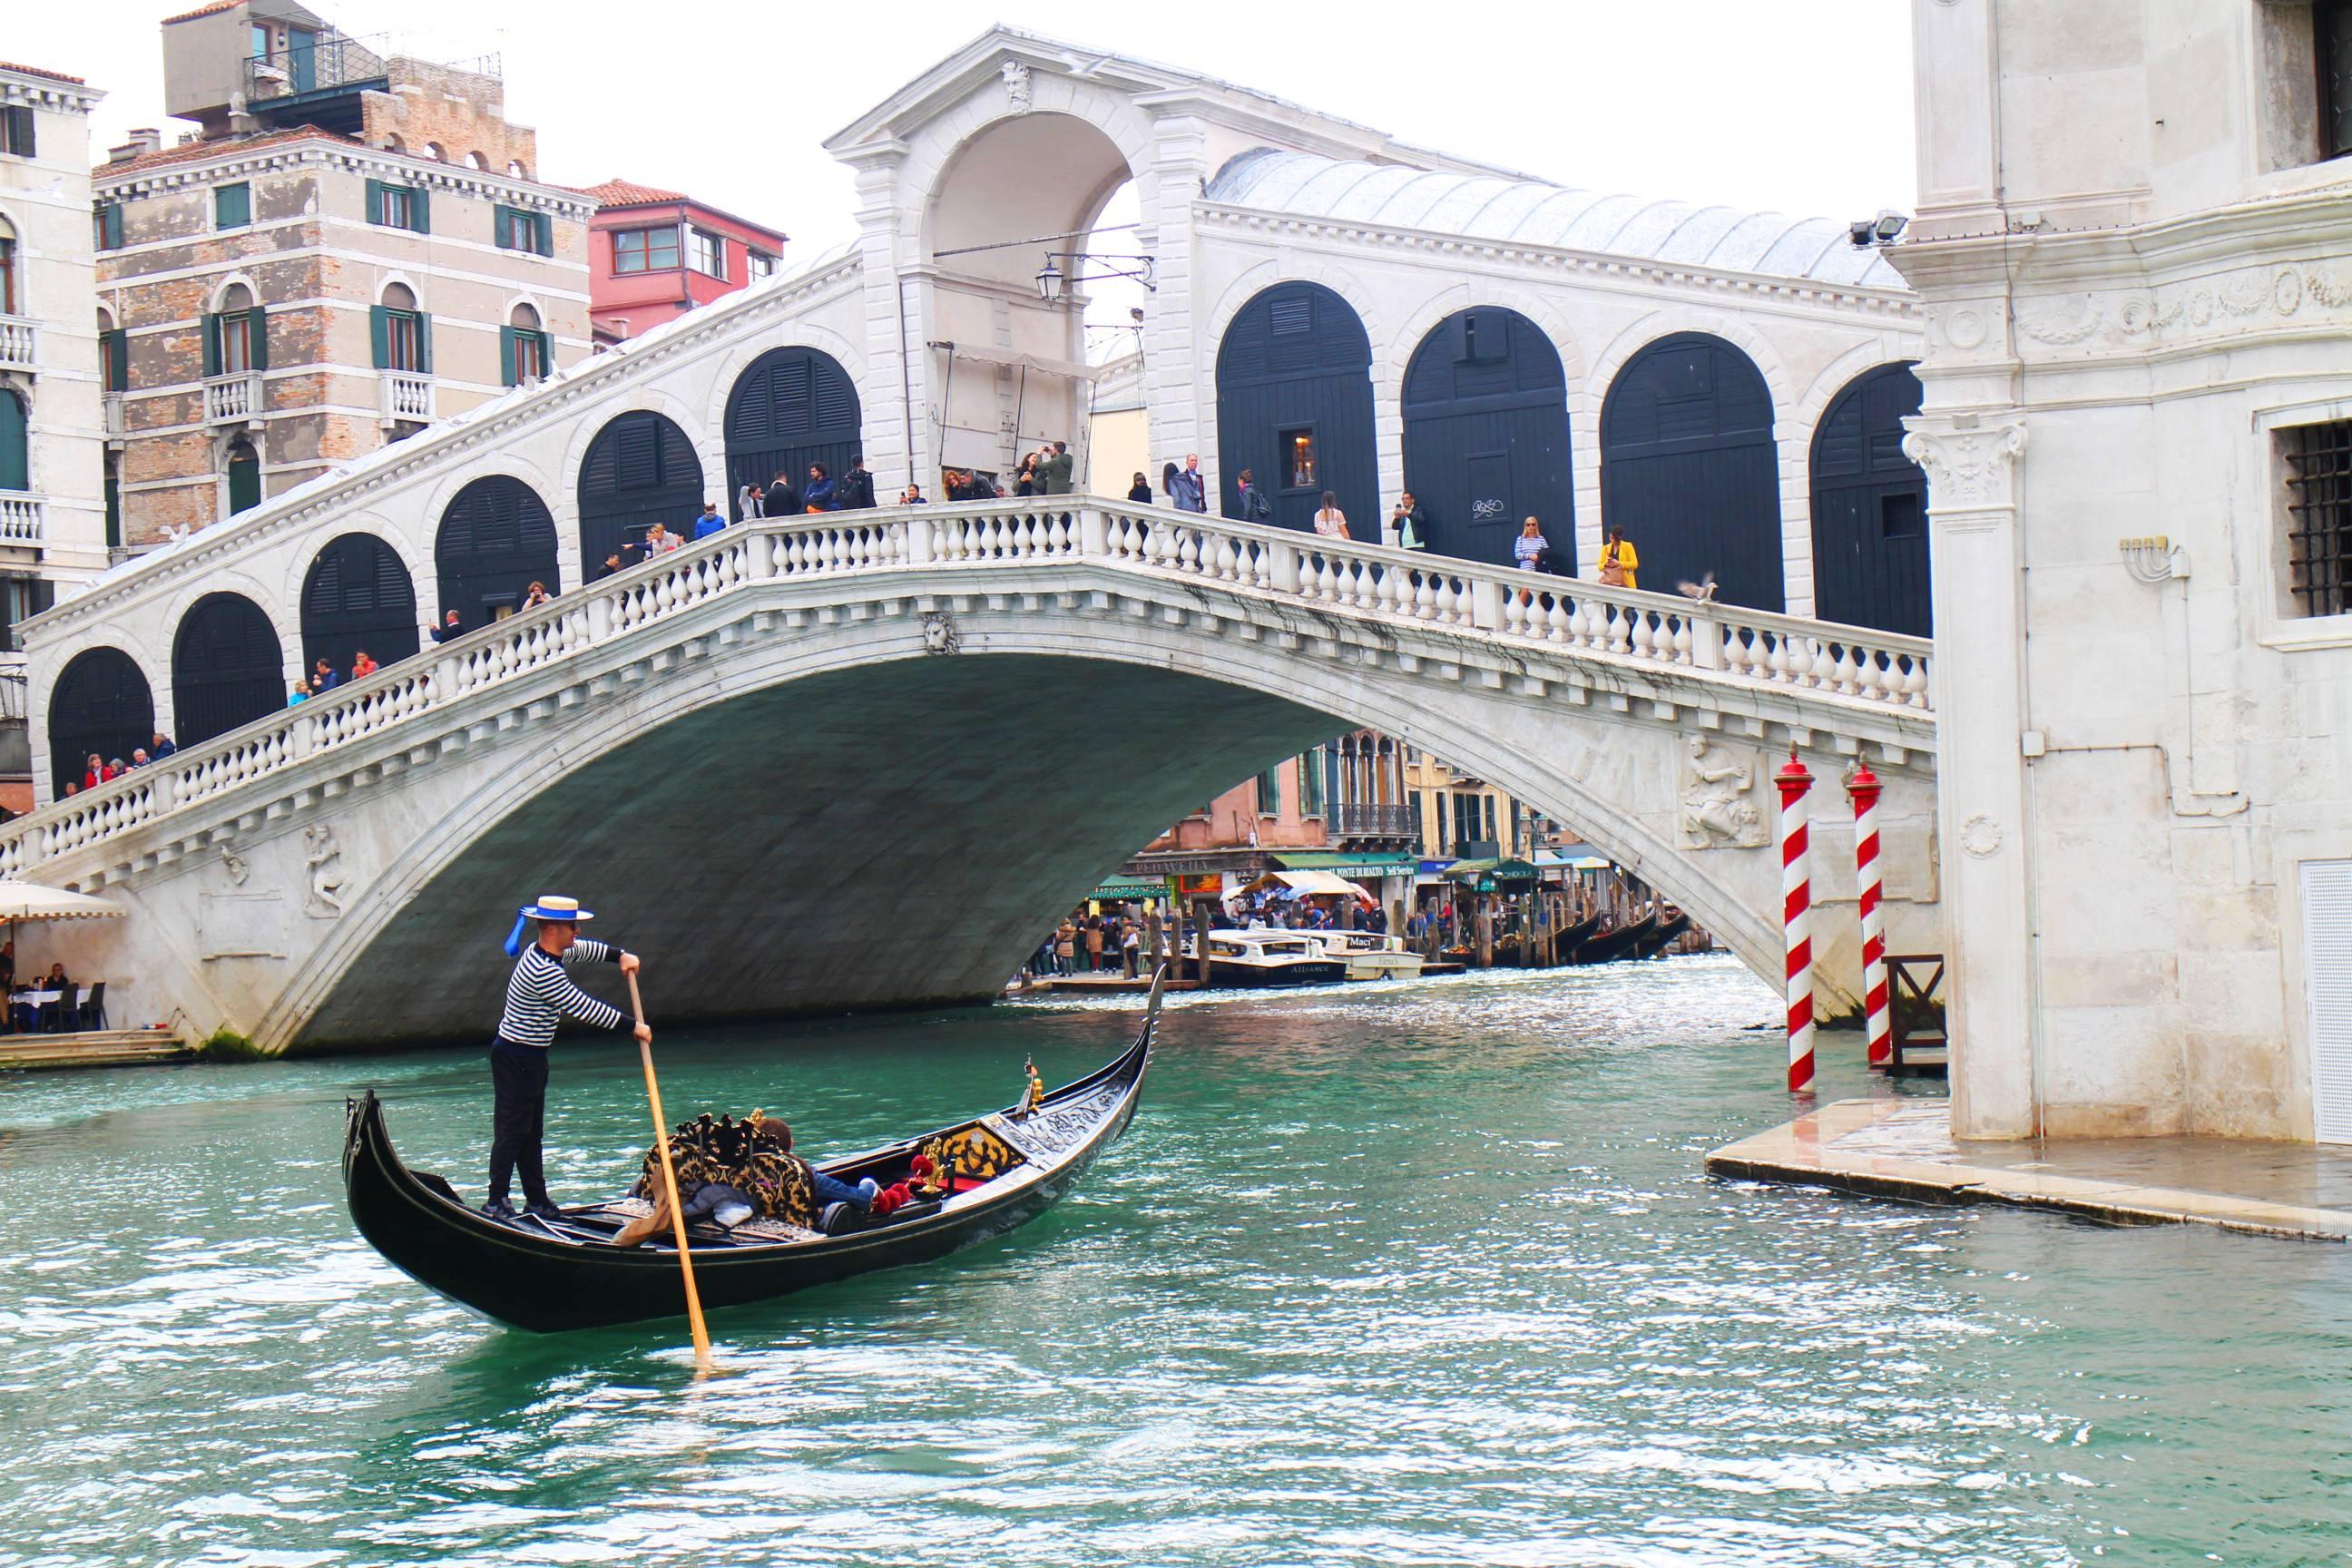 Photo 3: 3 jours à Venise... Conseils et incontournables !